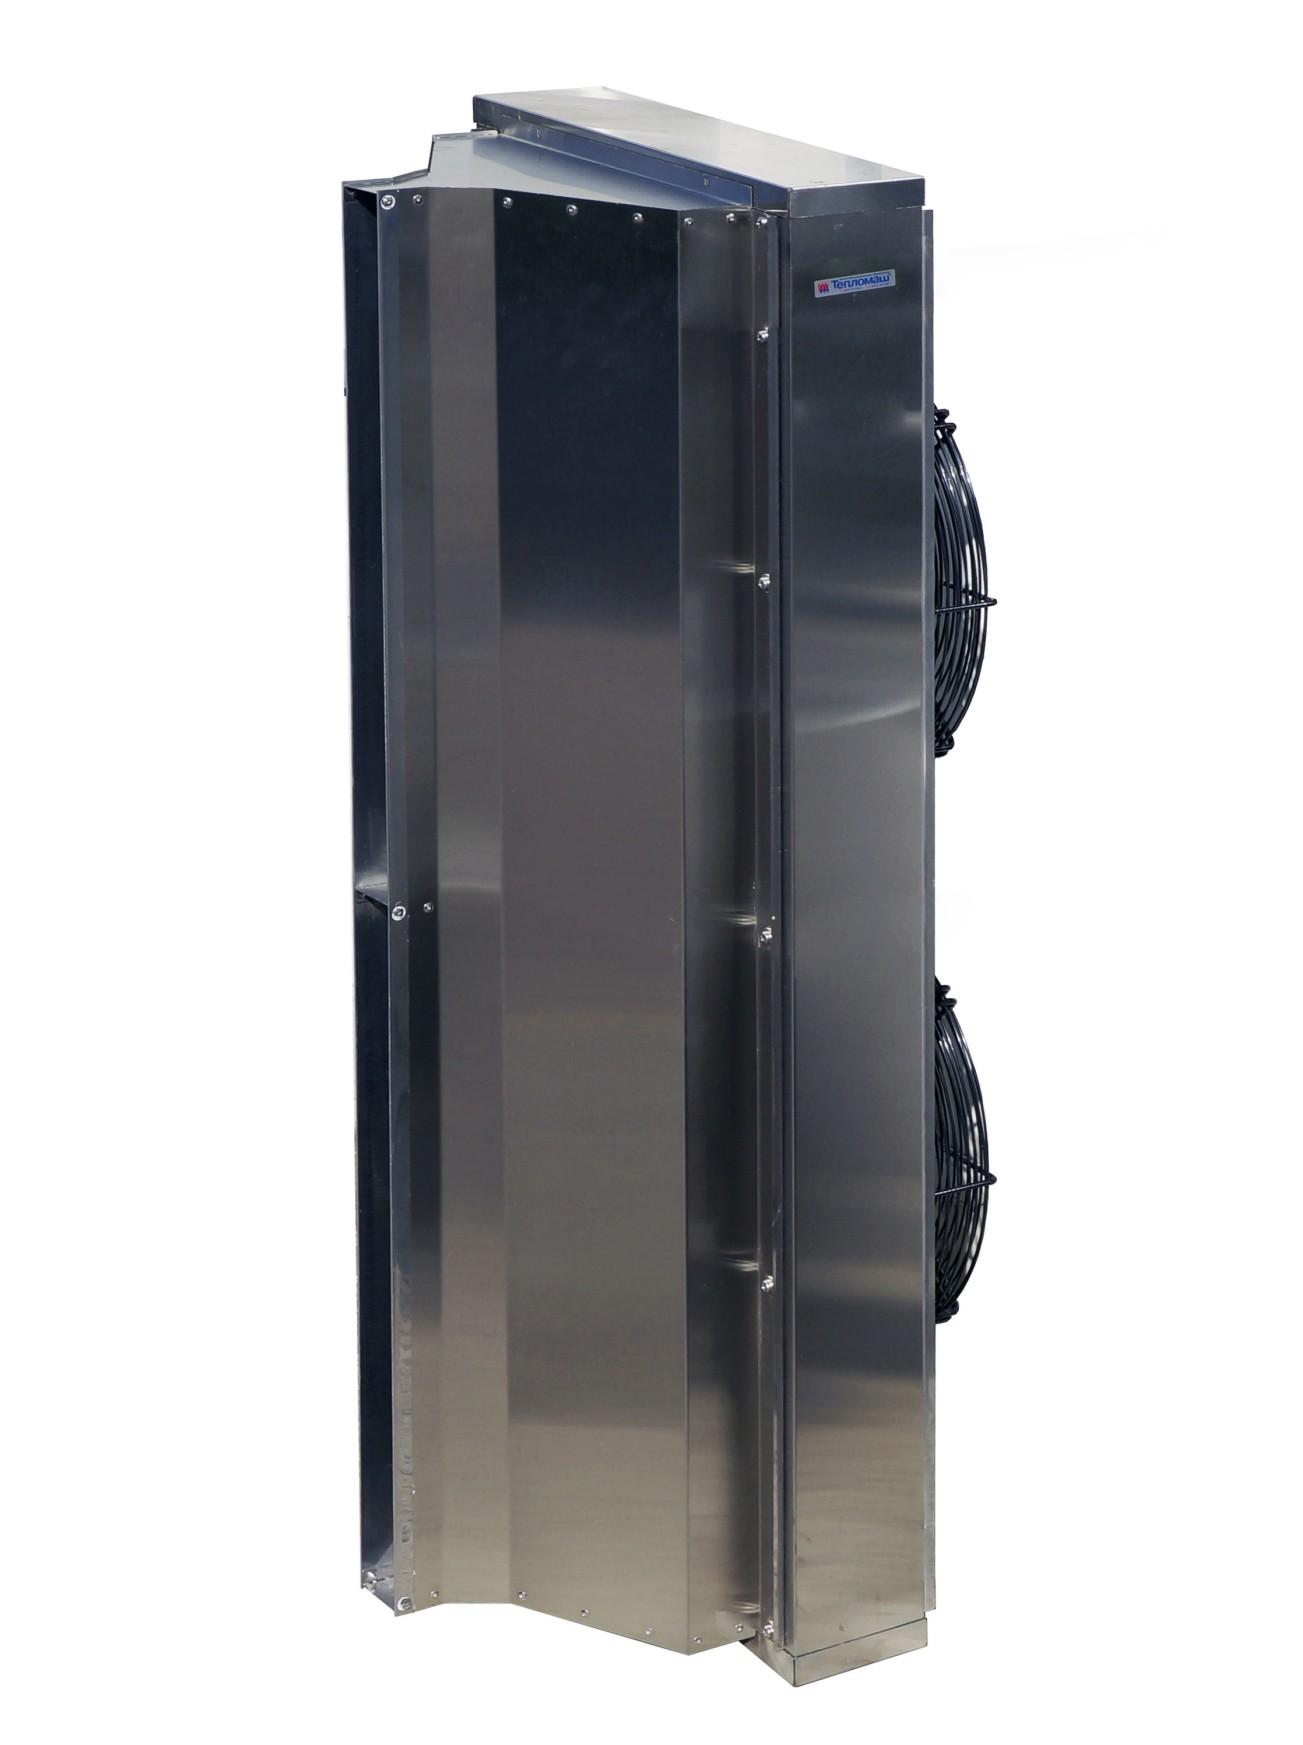 Тепловая завеса Тепломаш КЭВ-36П4060Е нерж.